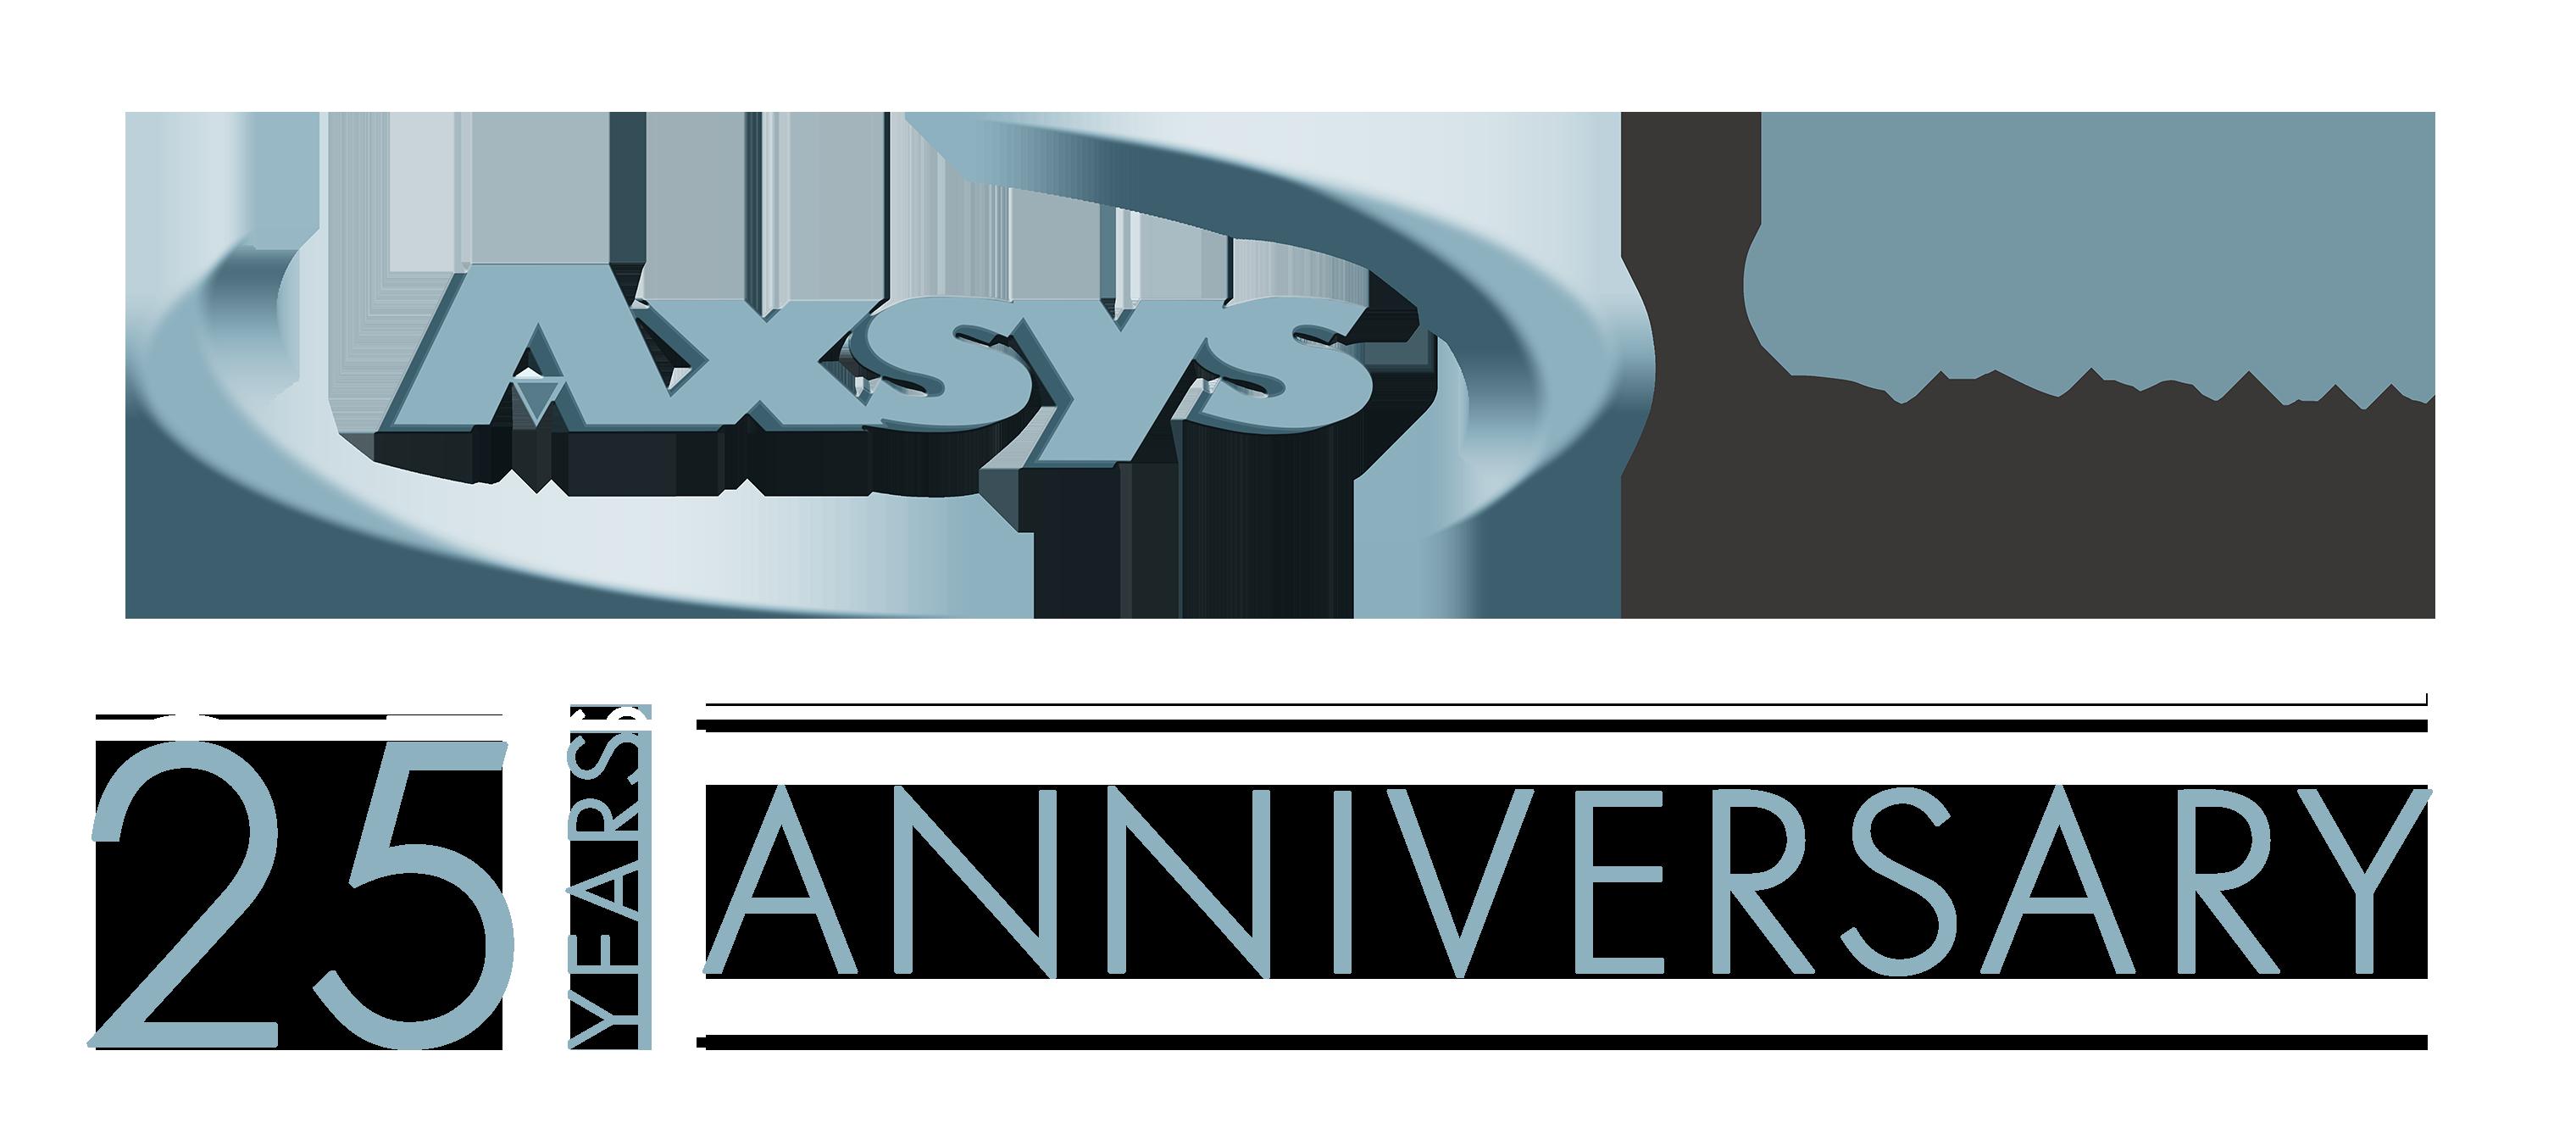 Axsys Mastercam 2020 Rollout Seminar: Seco Tools, Inc